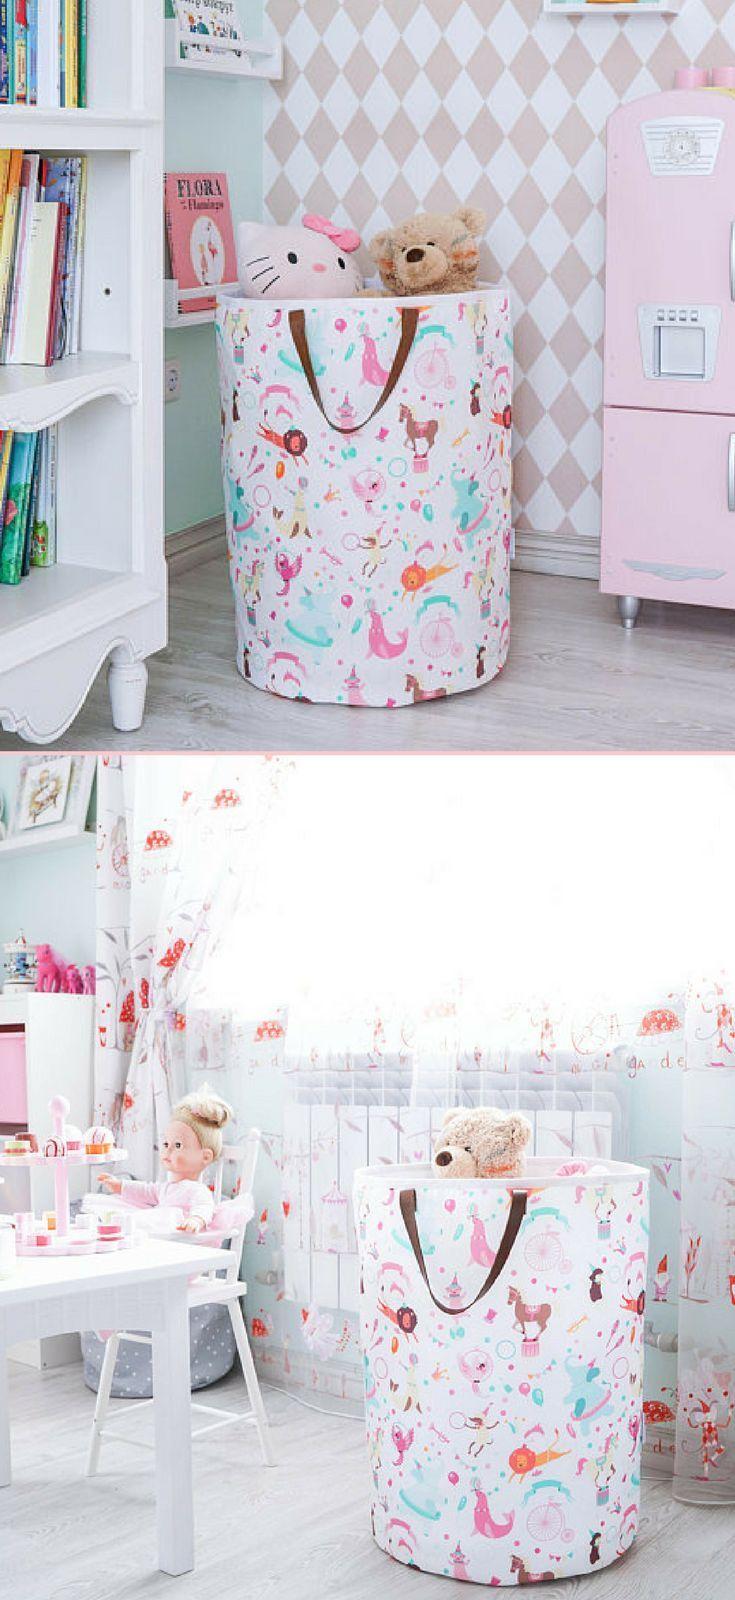 Full Size of Mdchen Spielzeugkorb Sofa Kinderzimmer Regale Regal Weiß Kinderzimmer Wäschekorb Kinderzimmer